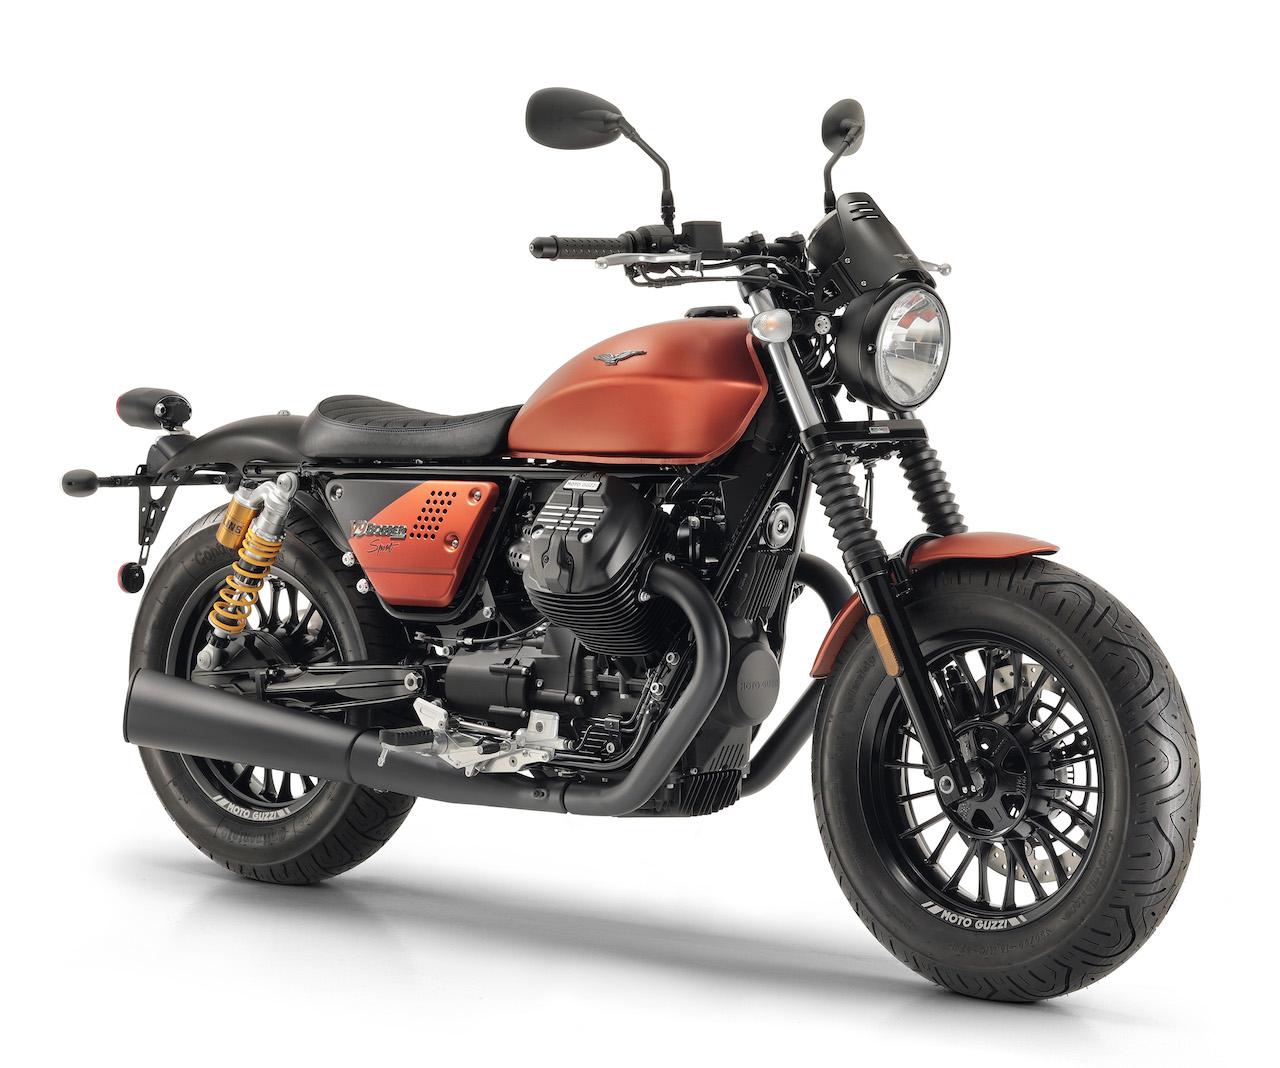 01-moto-guzzi-v9-bobber-sport